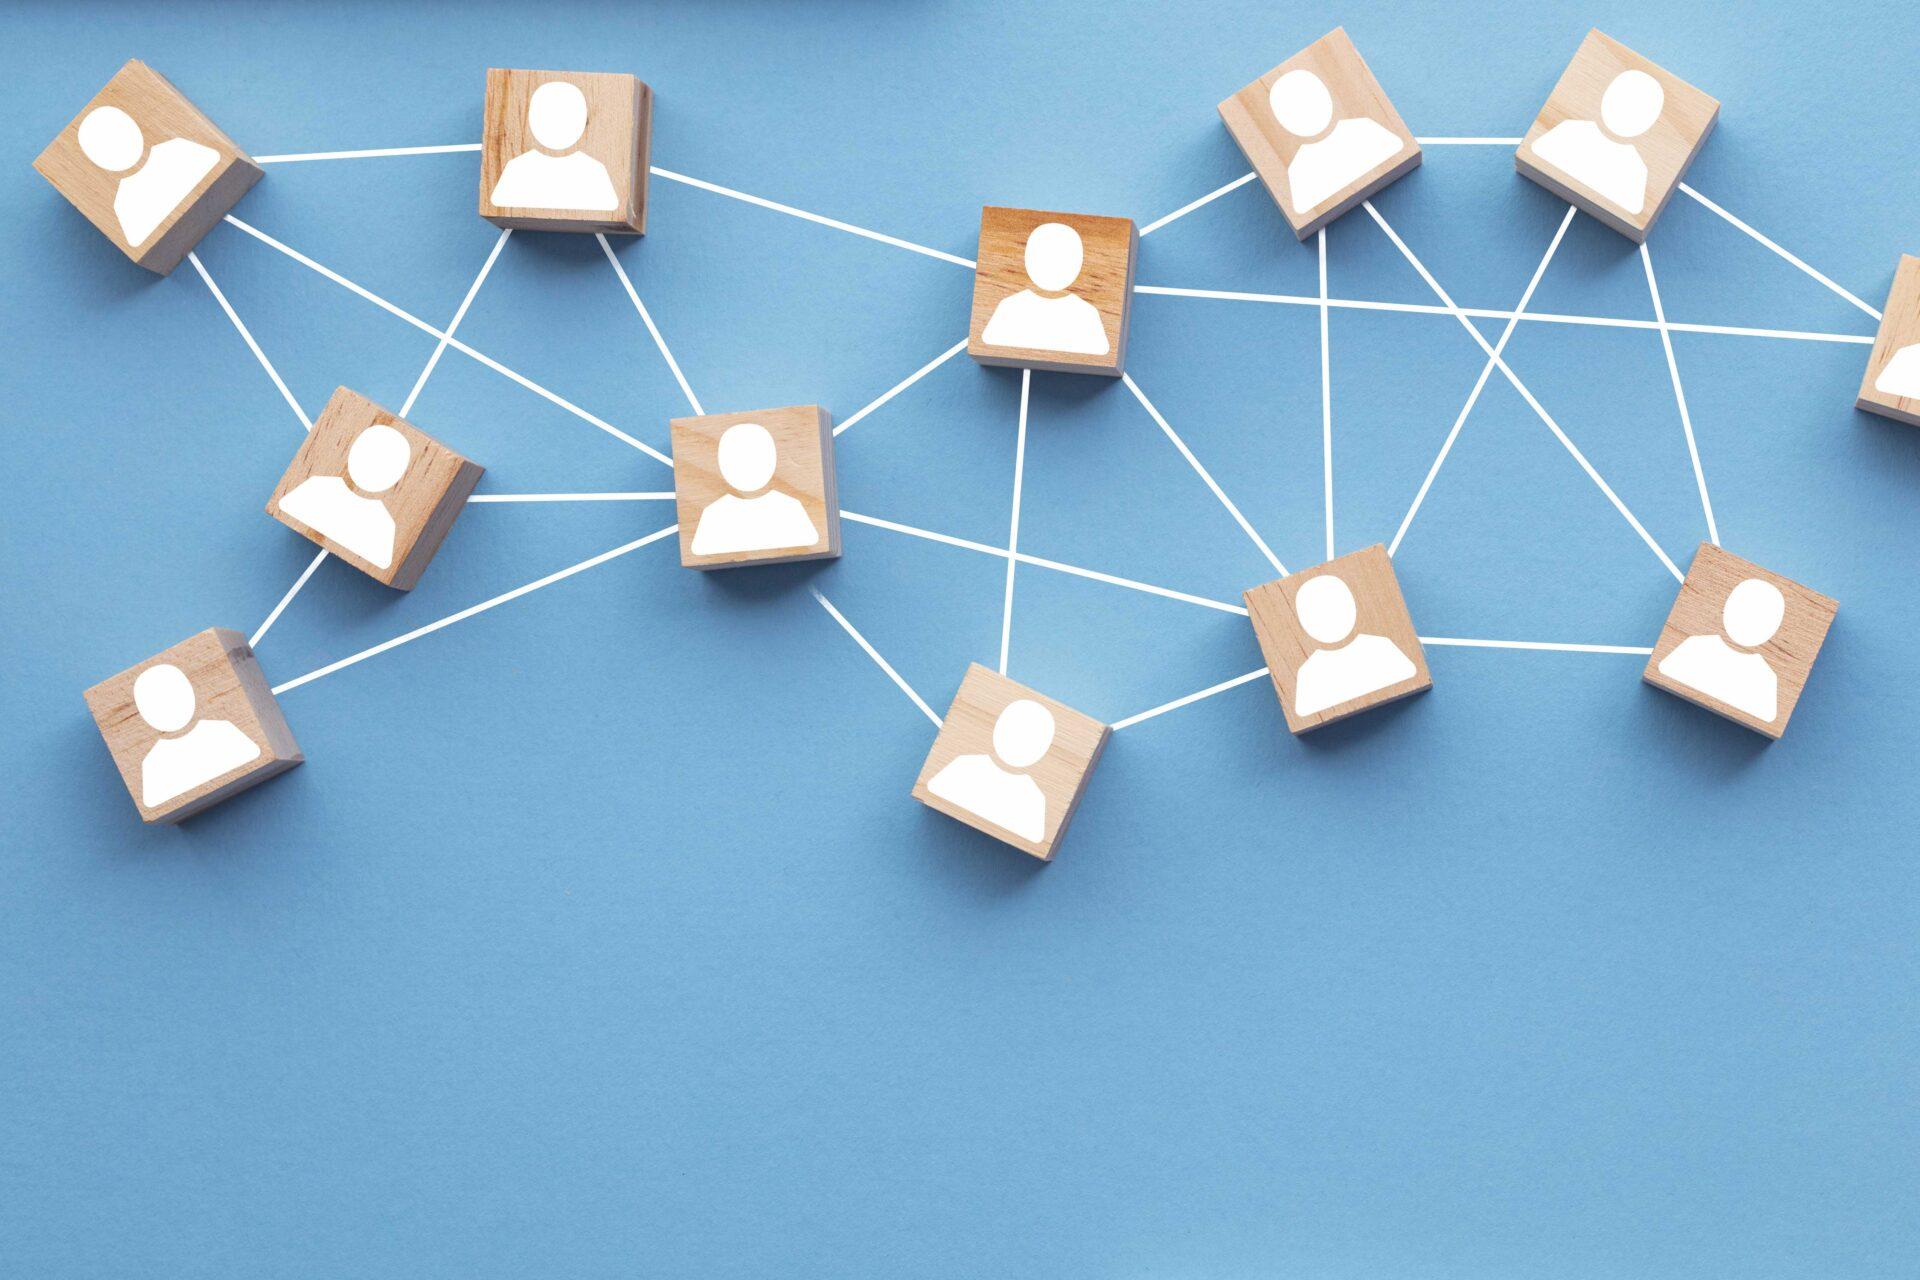 Profile von Personen, die durch ein Netzwerk verbunden sind